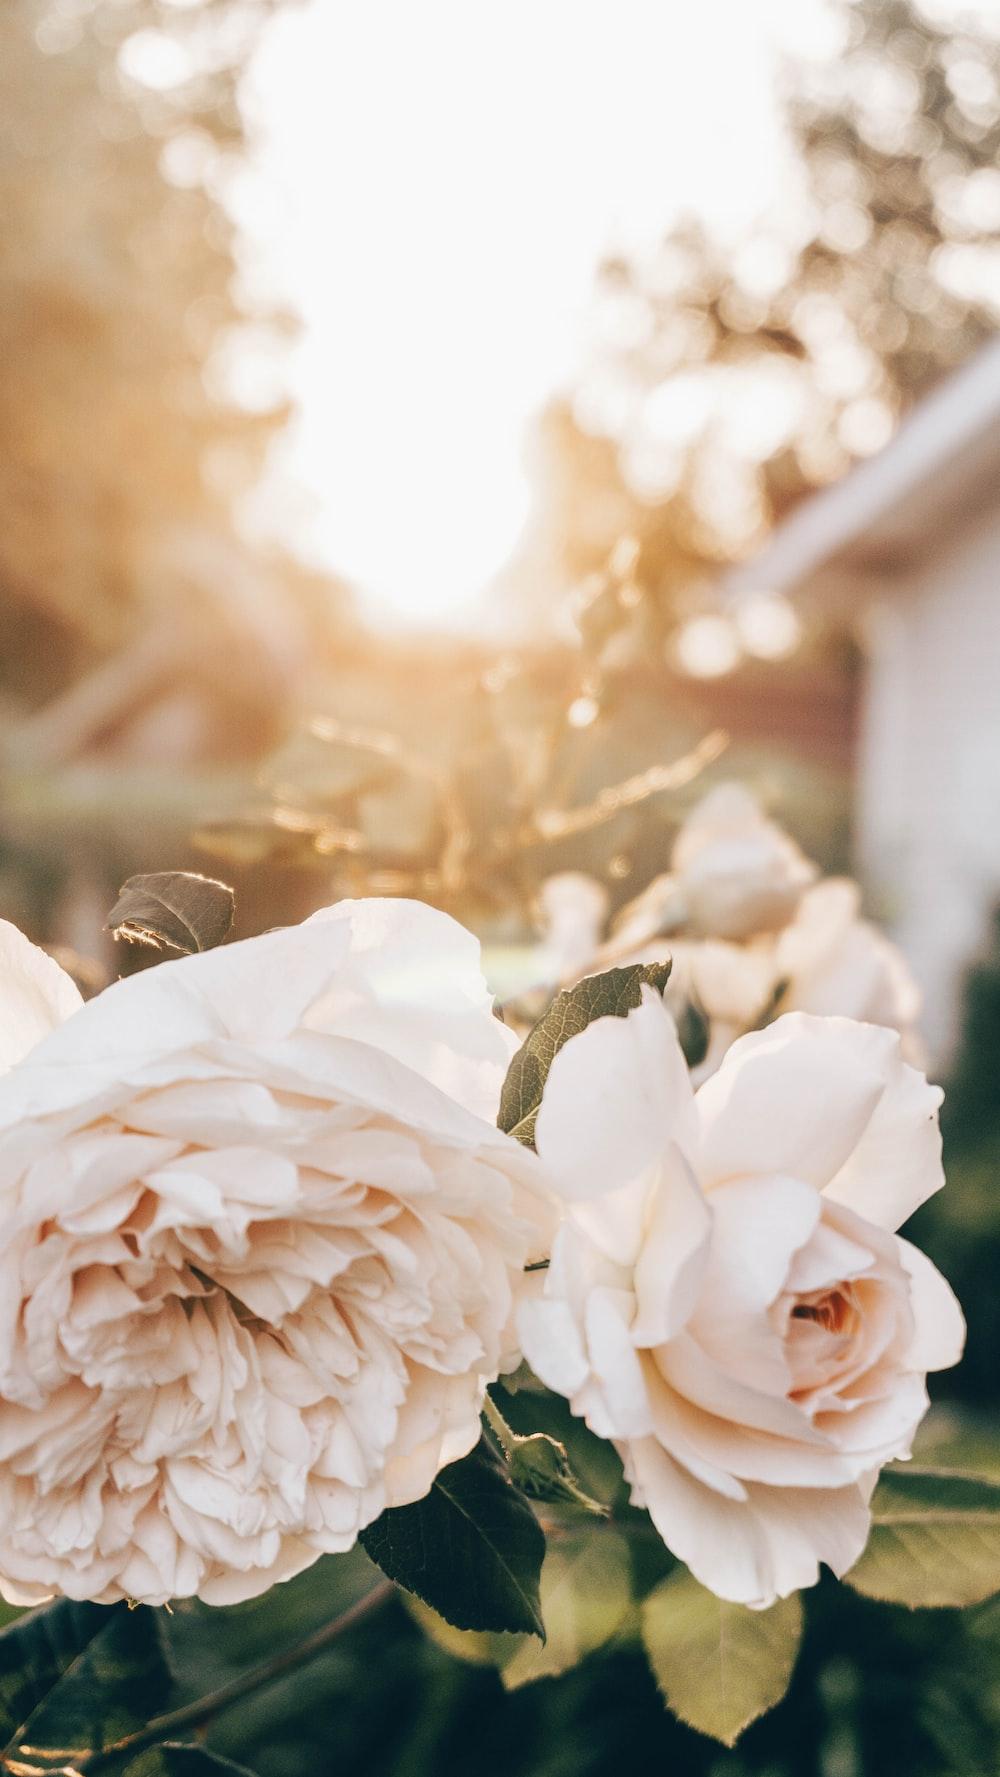 white roses in tilt shift lens